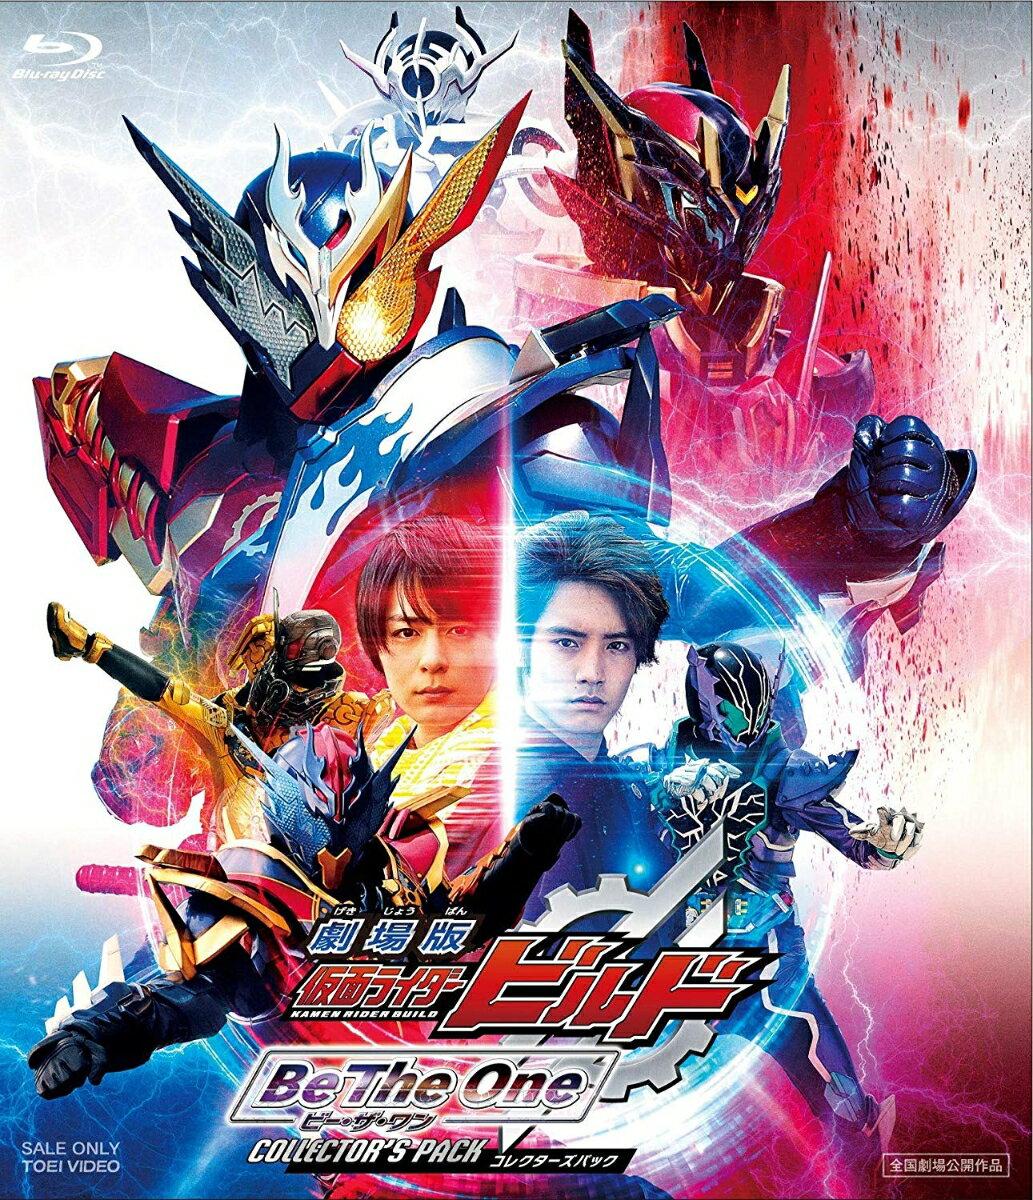 劇場版 仮面ライダービルド Be The One コレクターズパック【Blu-ray】